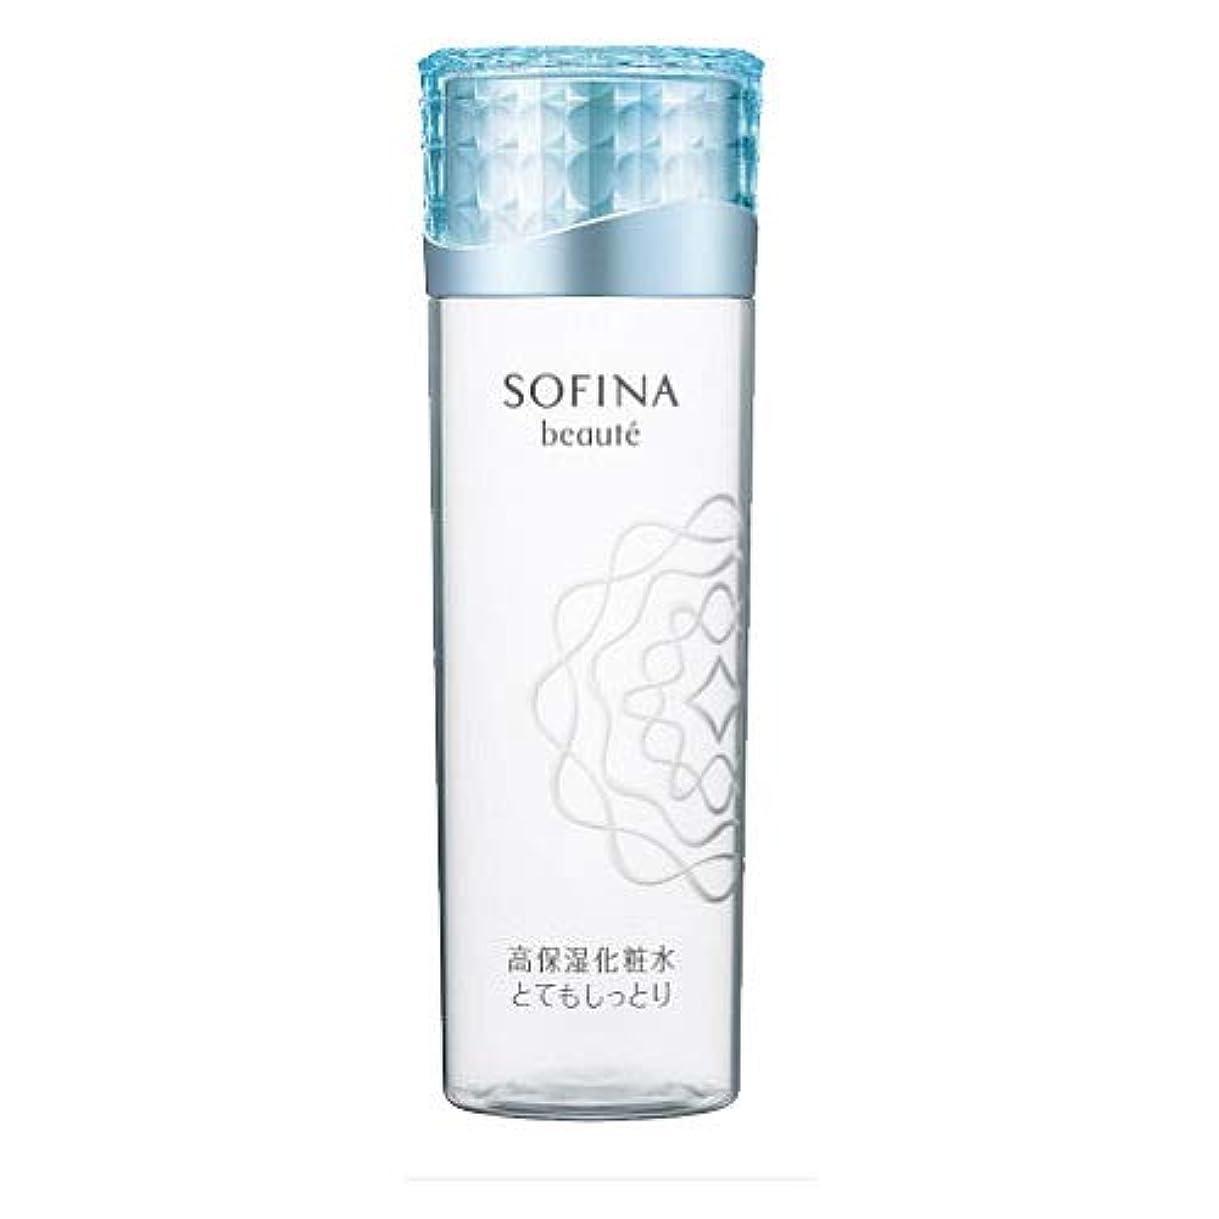 資格緊急辞任花王 ソフィーナ ボーテ 高保湿化粧水 とてもしっとり 140ml [並行輸入品]